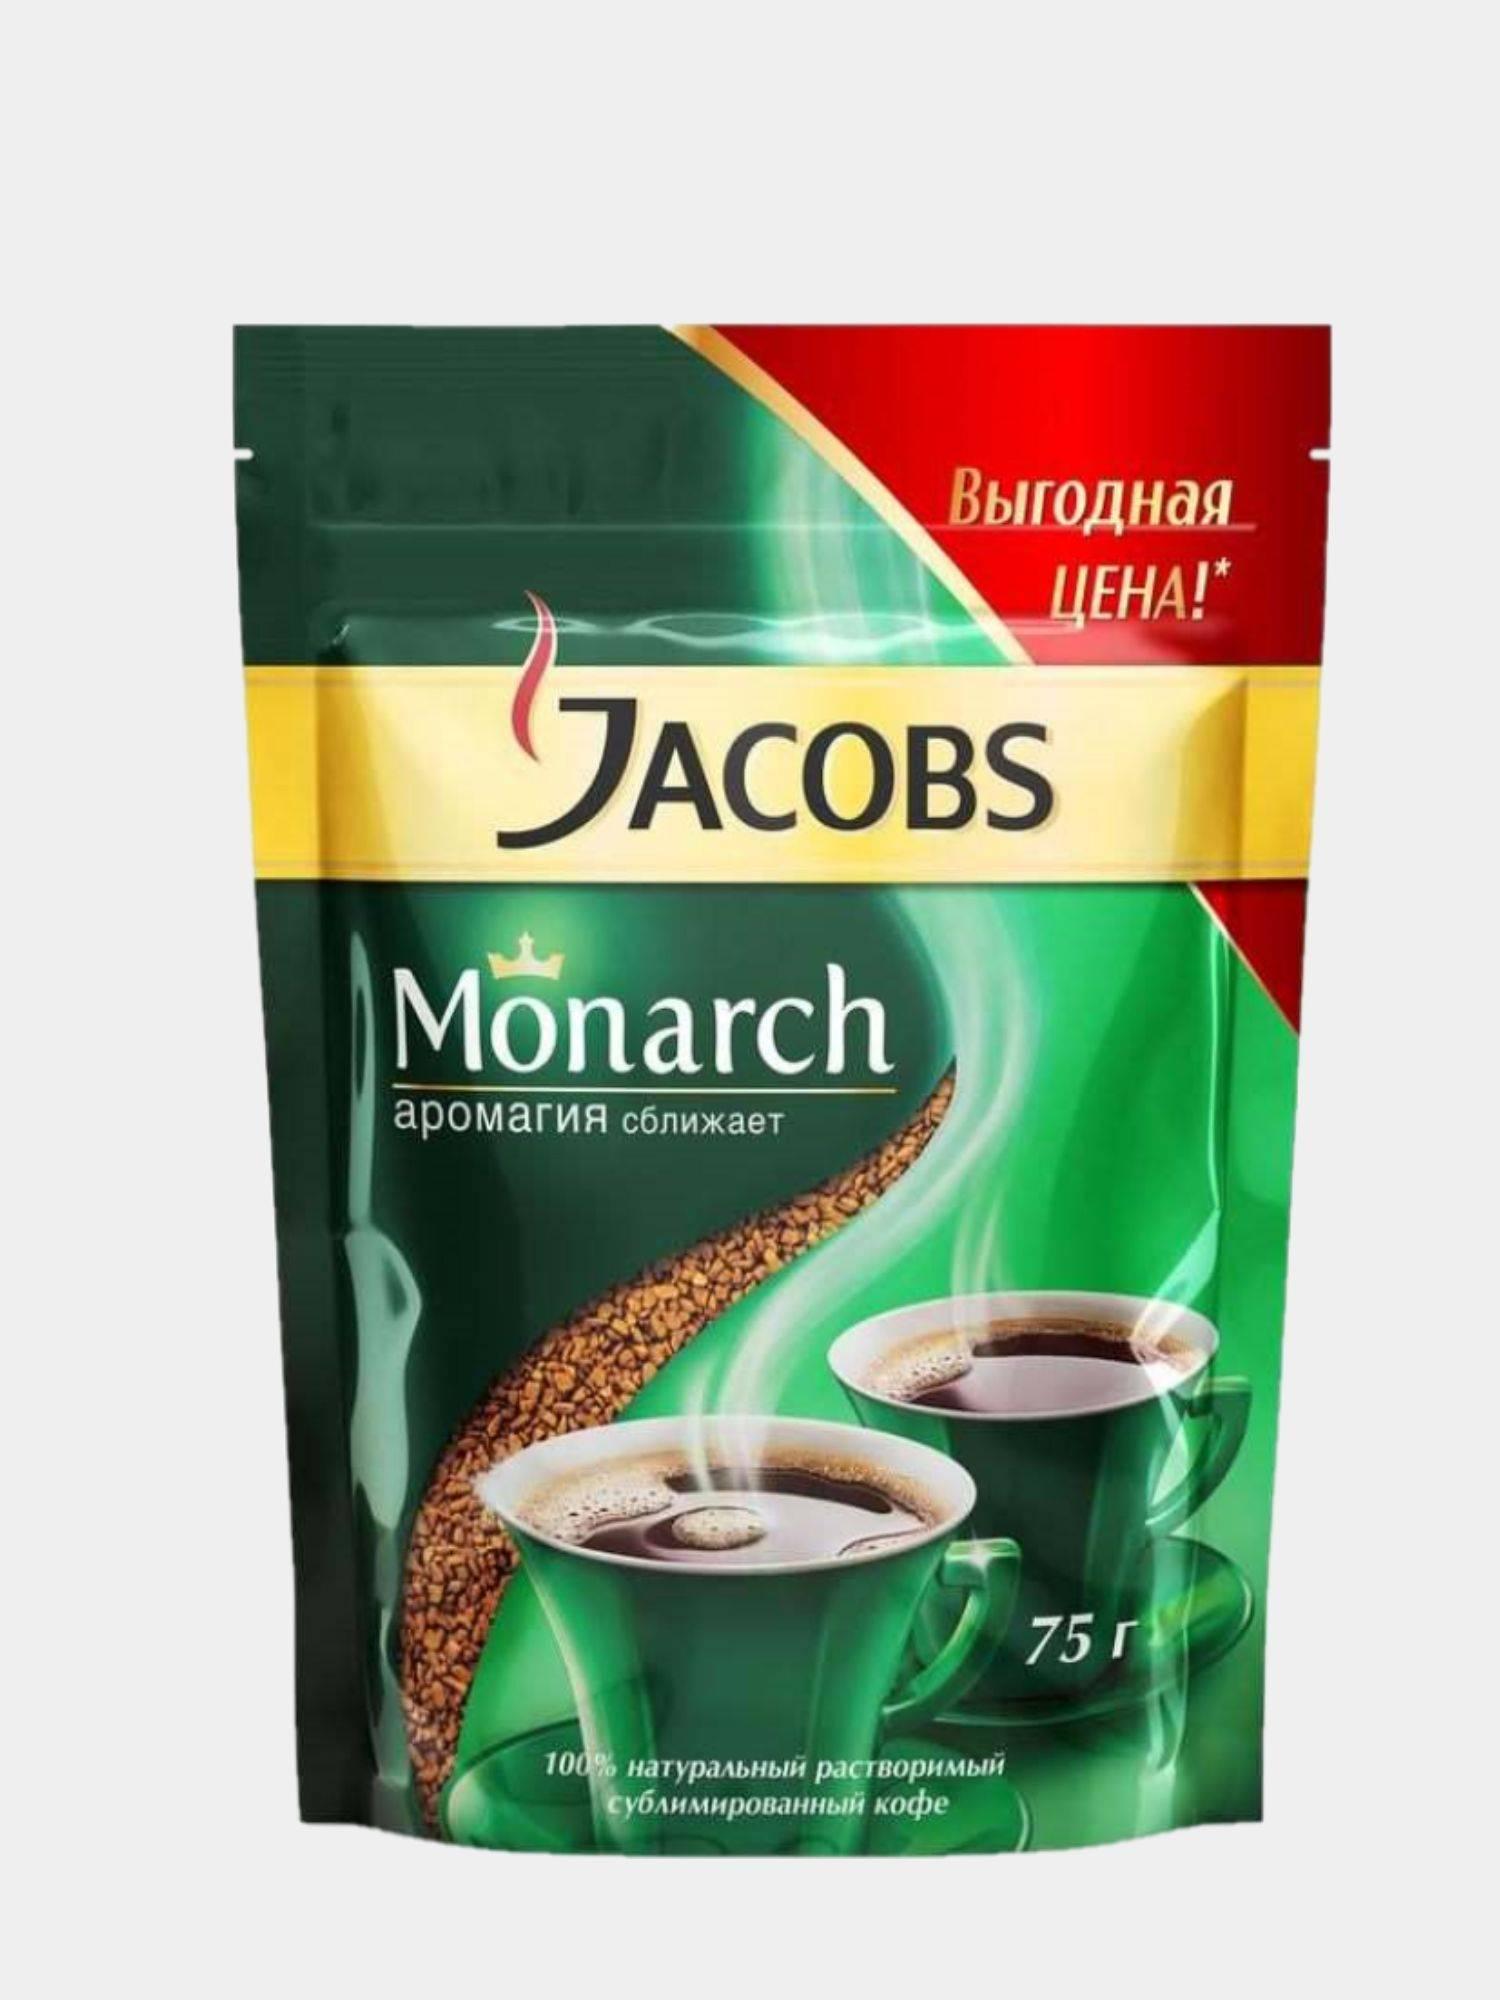 Кофе якобс монарх молотый и растворимый: плюсы и минусы